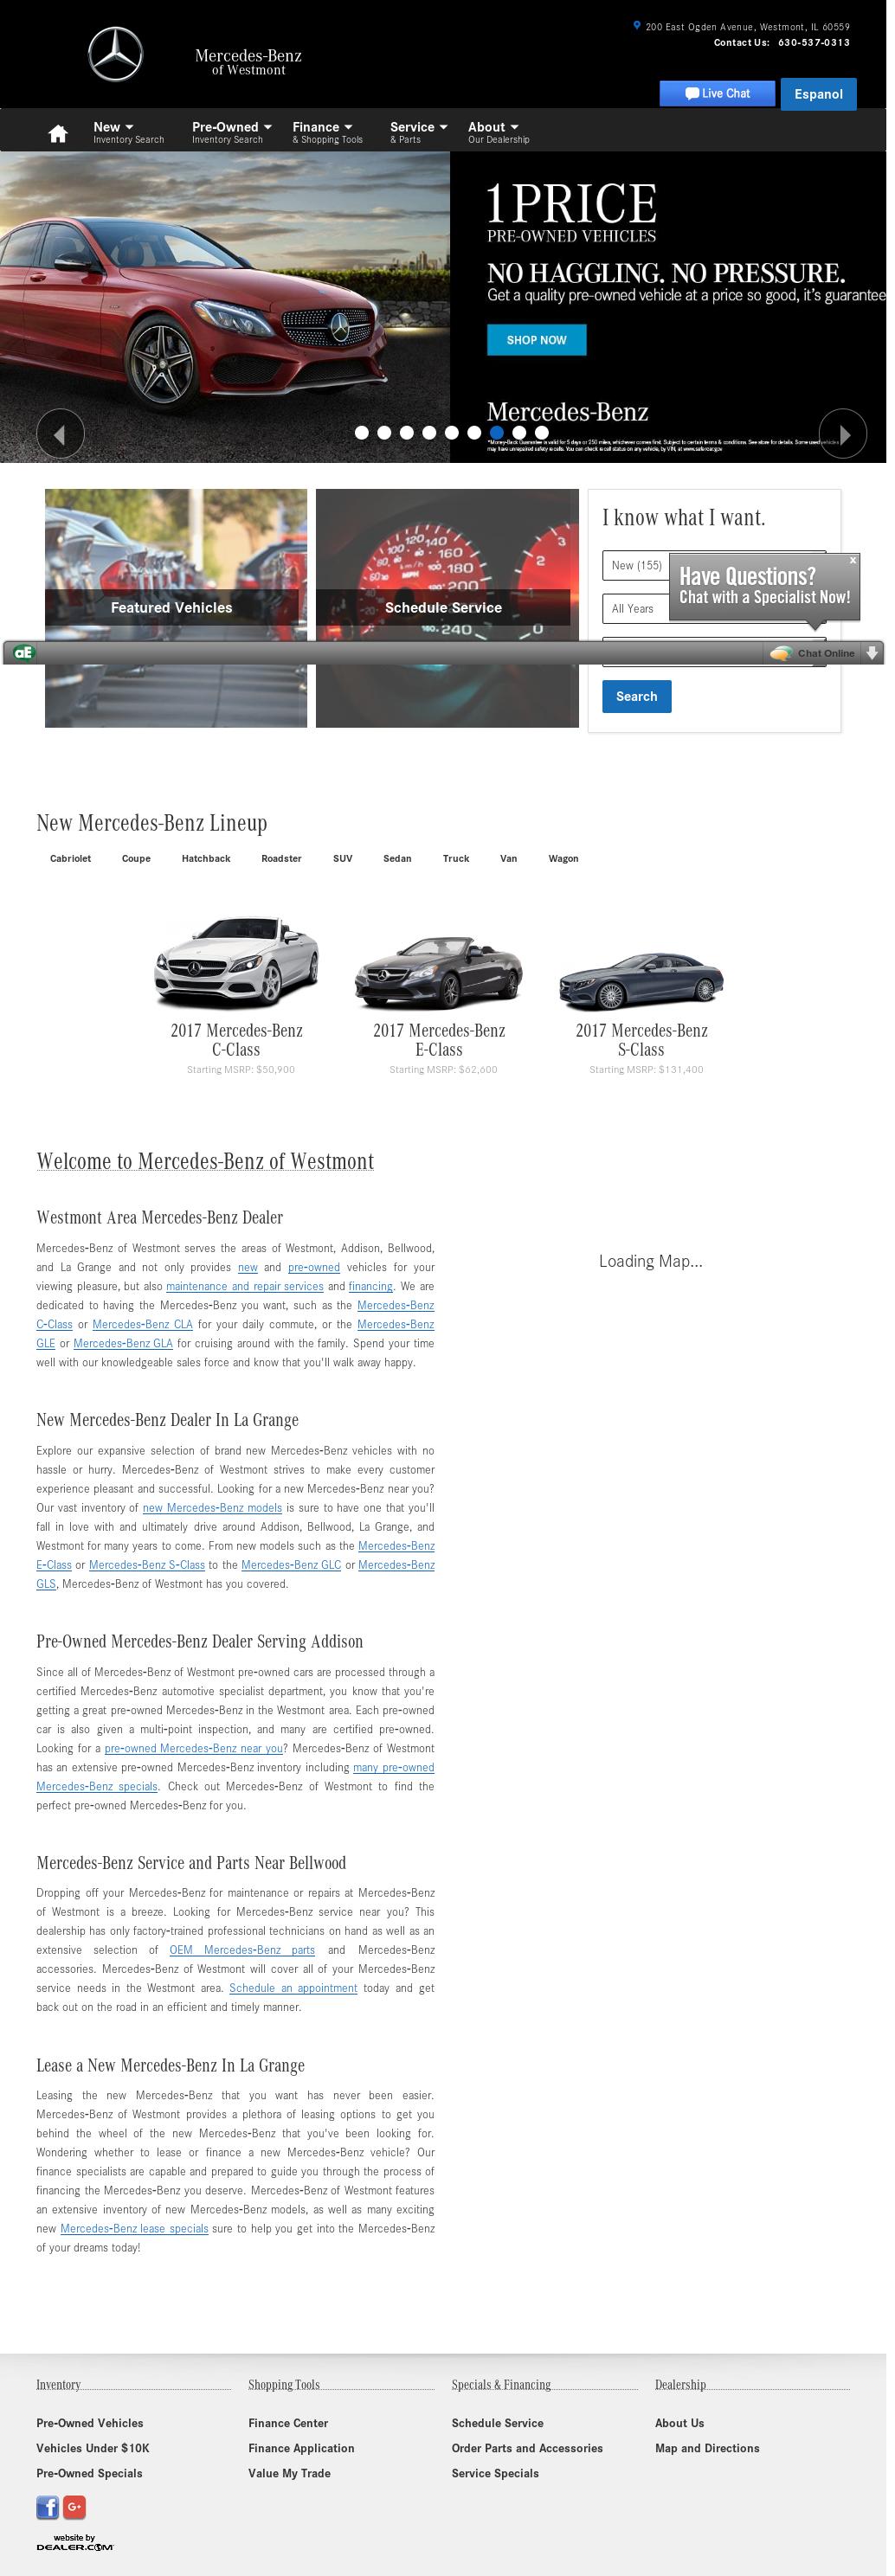 Mercedes Benz Of Westmont Website History